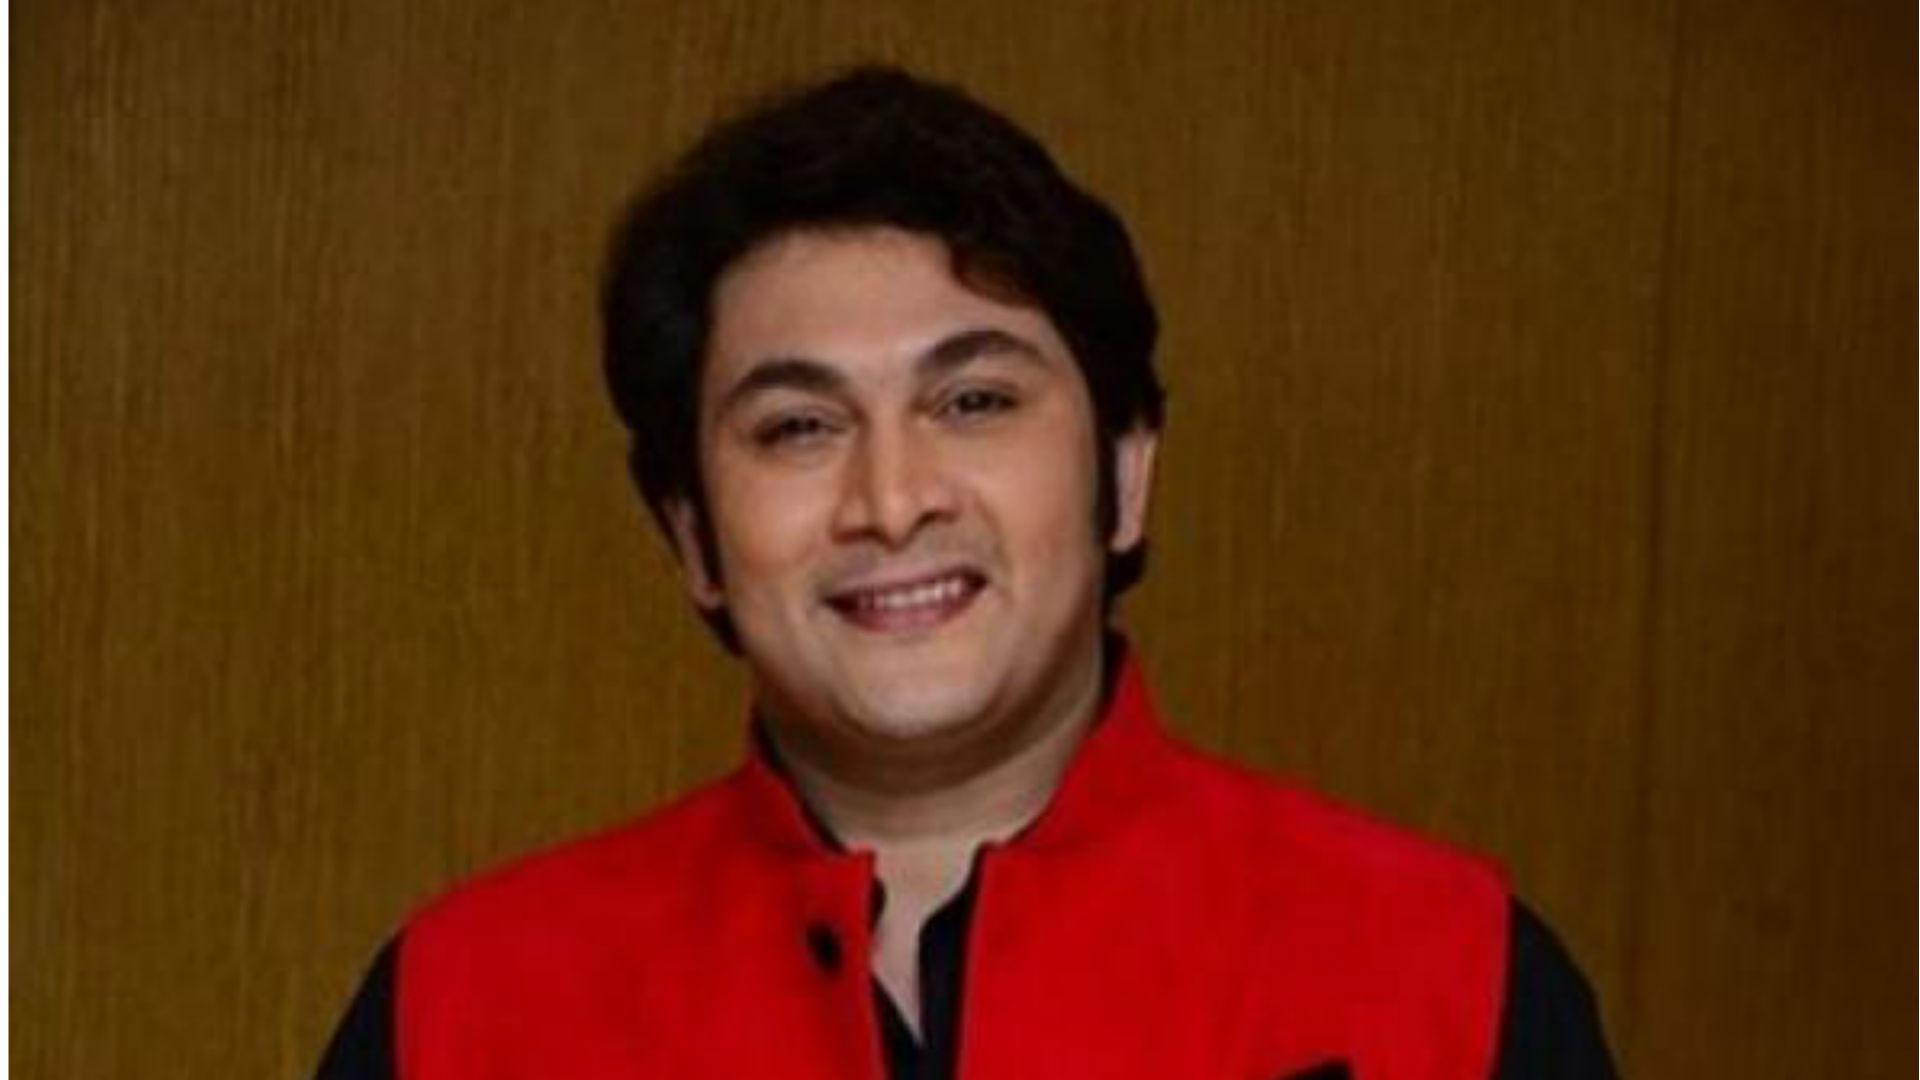 साराभाई वर्सेस साराभाई फेम राजेश कुमार कर सकते हैं जी टीवी के इस नए शो में एंट्री, कॉमेडी का लगेगा तड़का